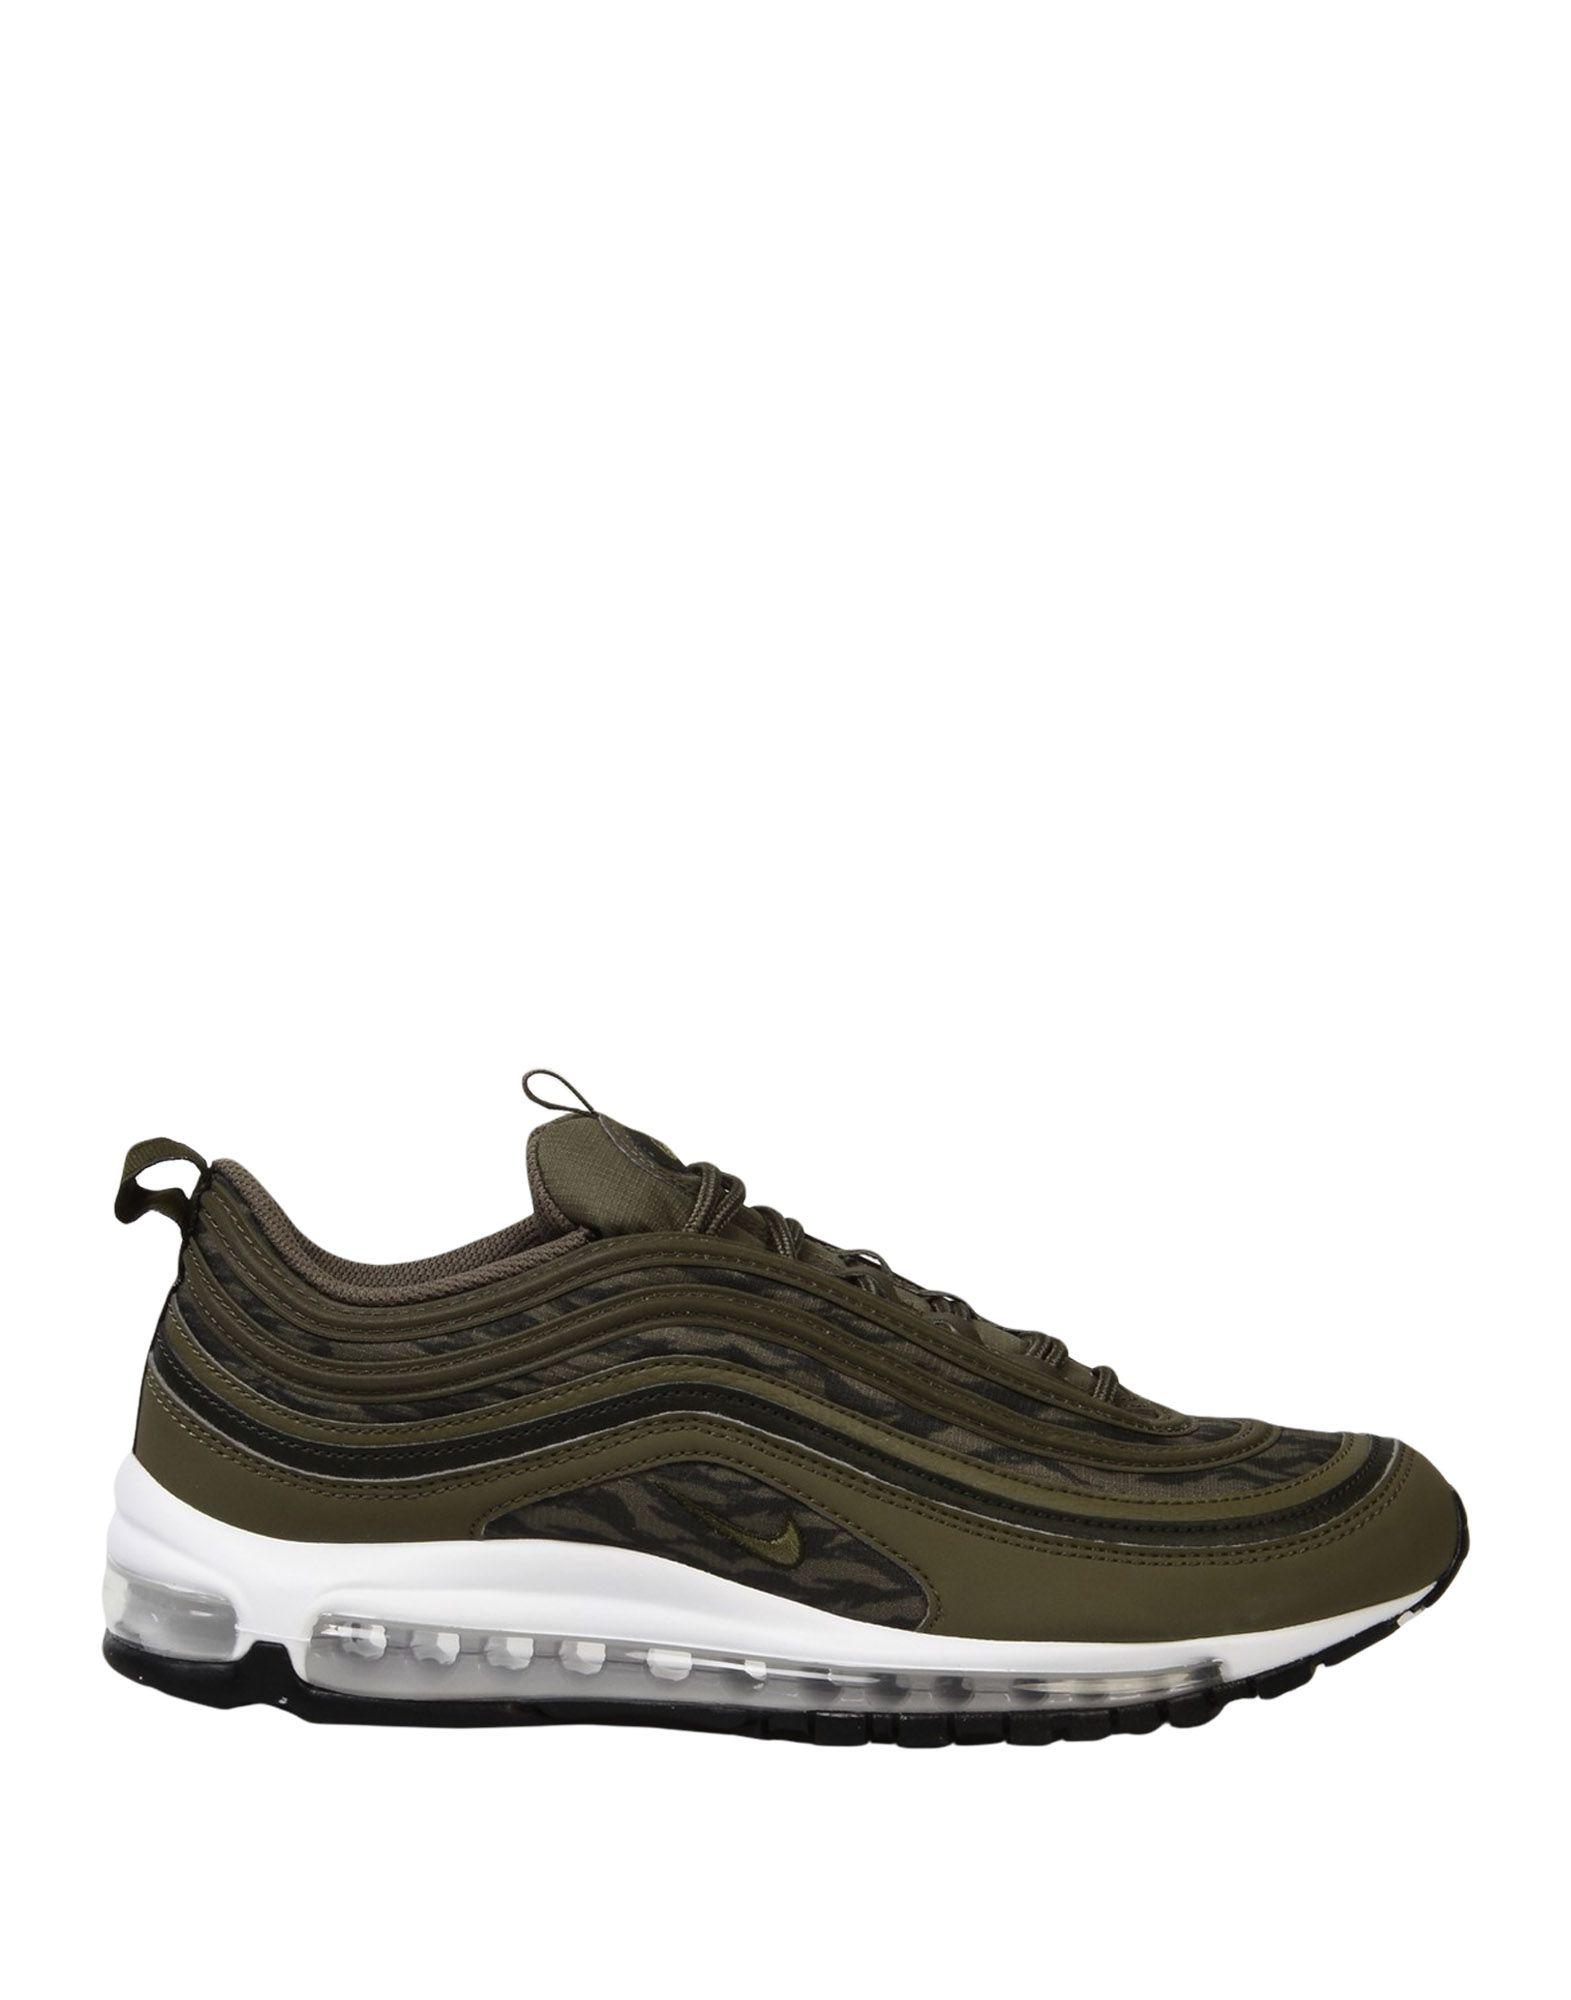 Sneakers Nike  - Air Max 97 Aop -  Homme - Sneakers Nike  Vert militaire Les chaussures les plus populaires pour les hommes et les femmes 2c7805